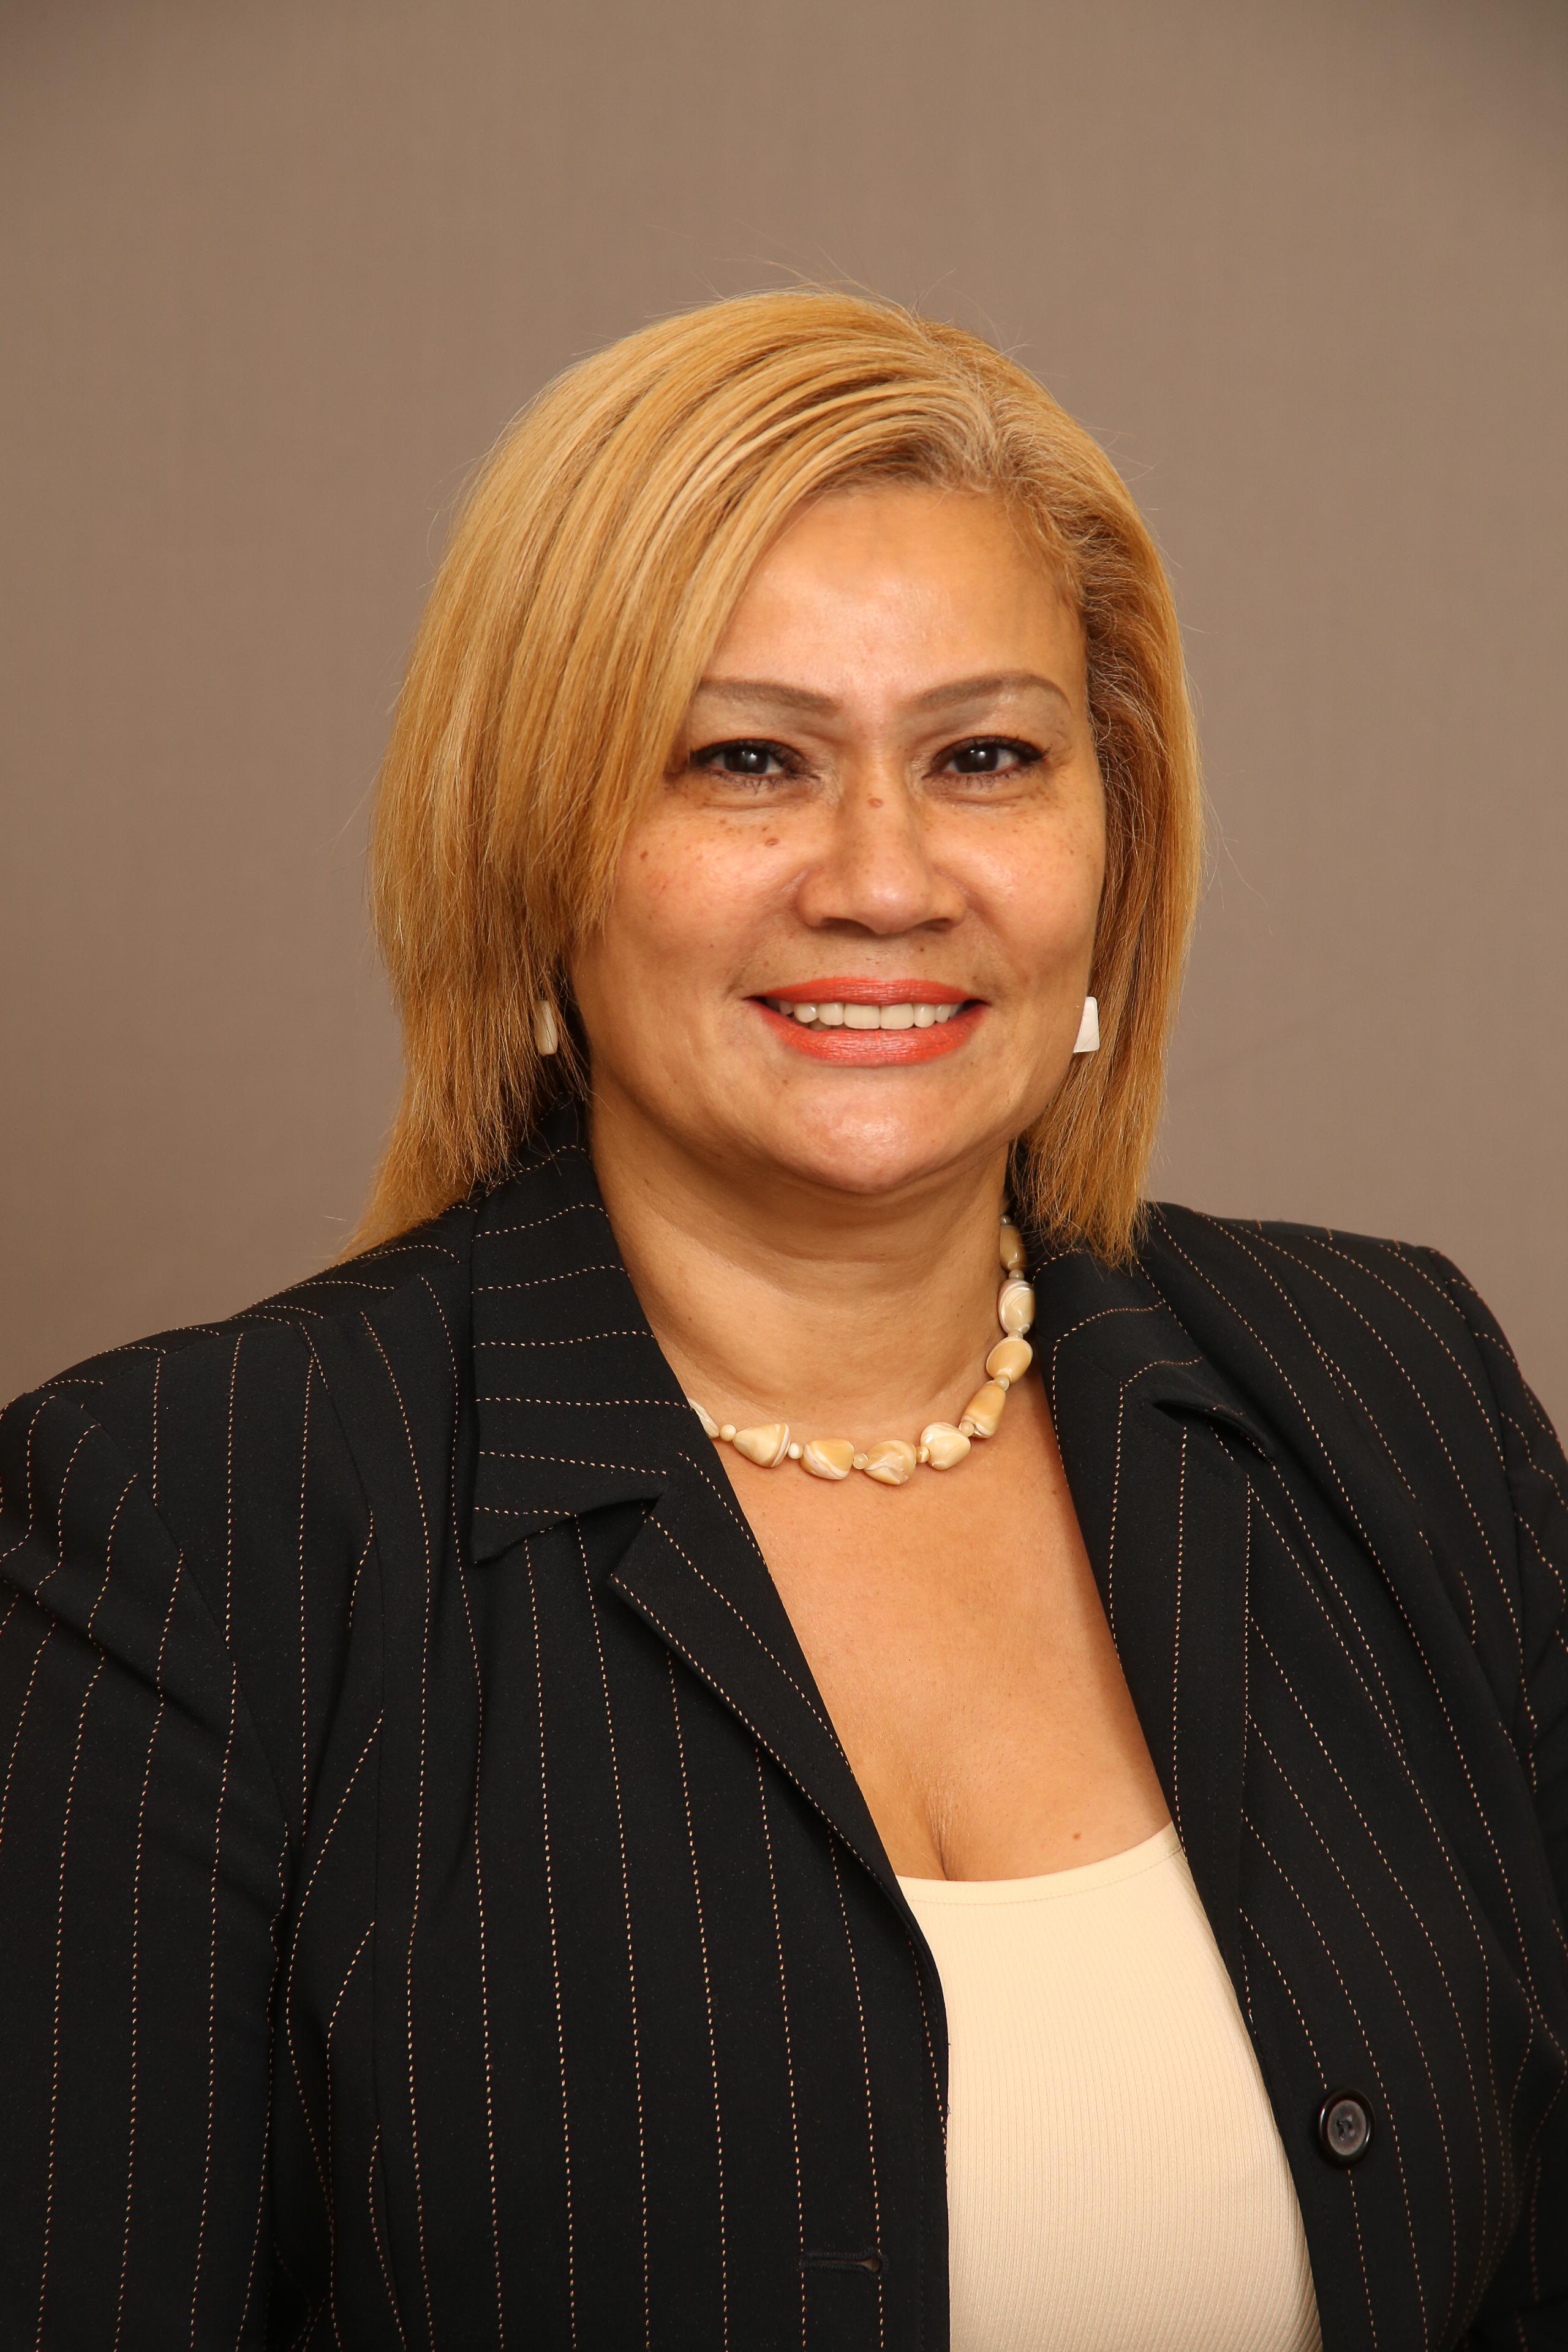 Wanda Pearson